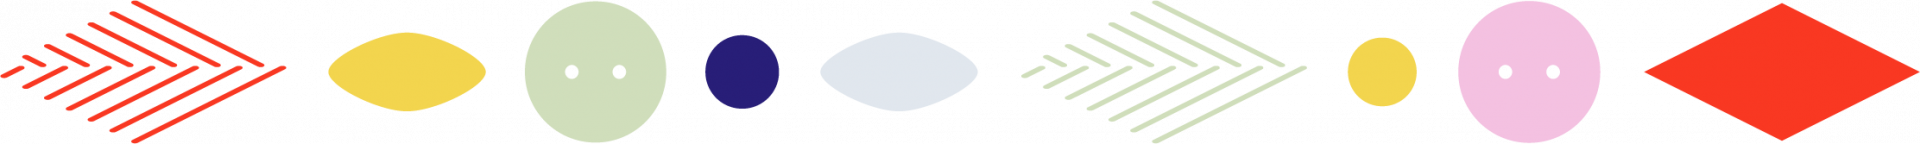 Syglede-border-rgb-01